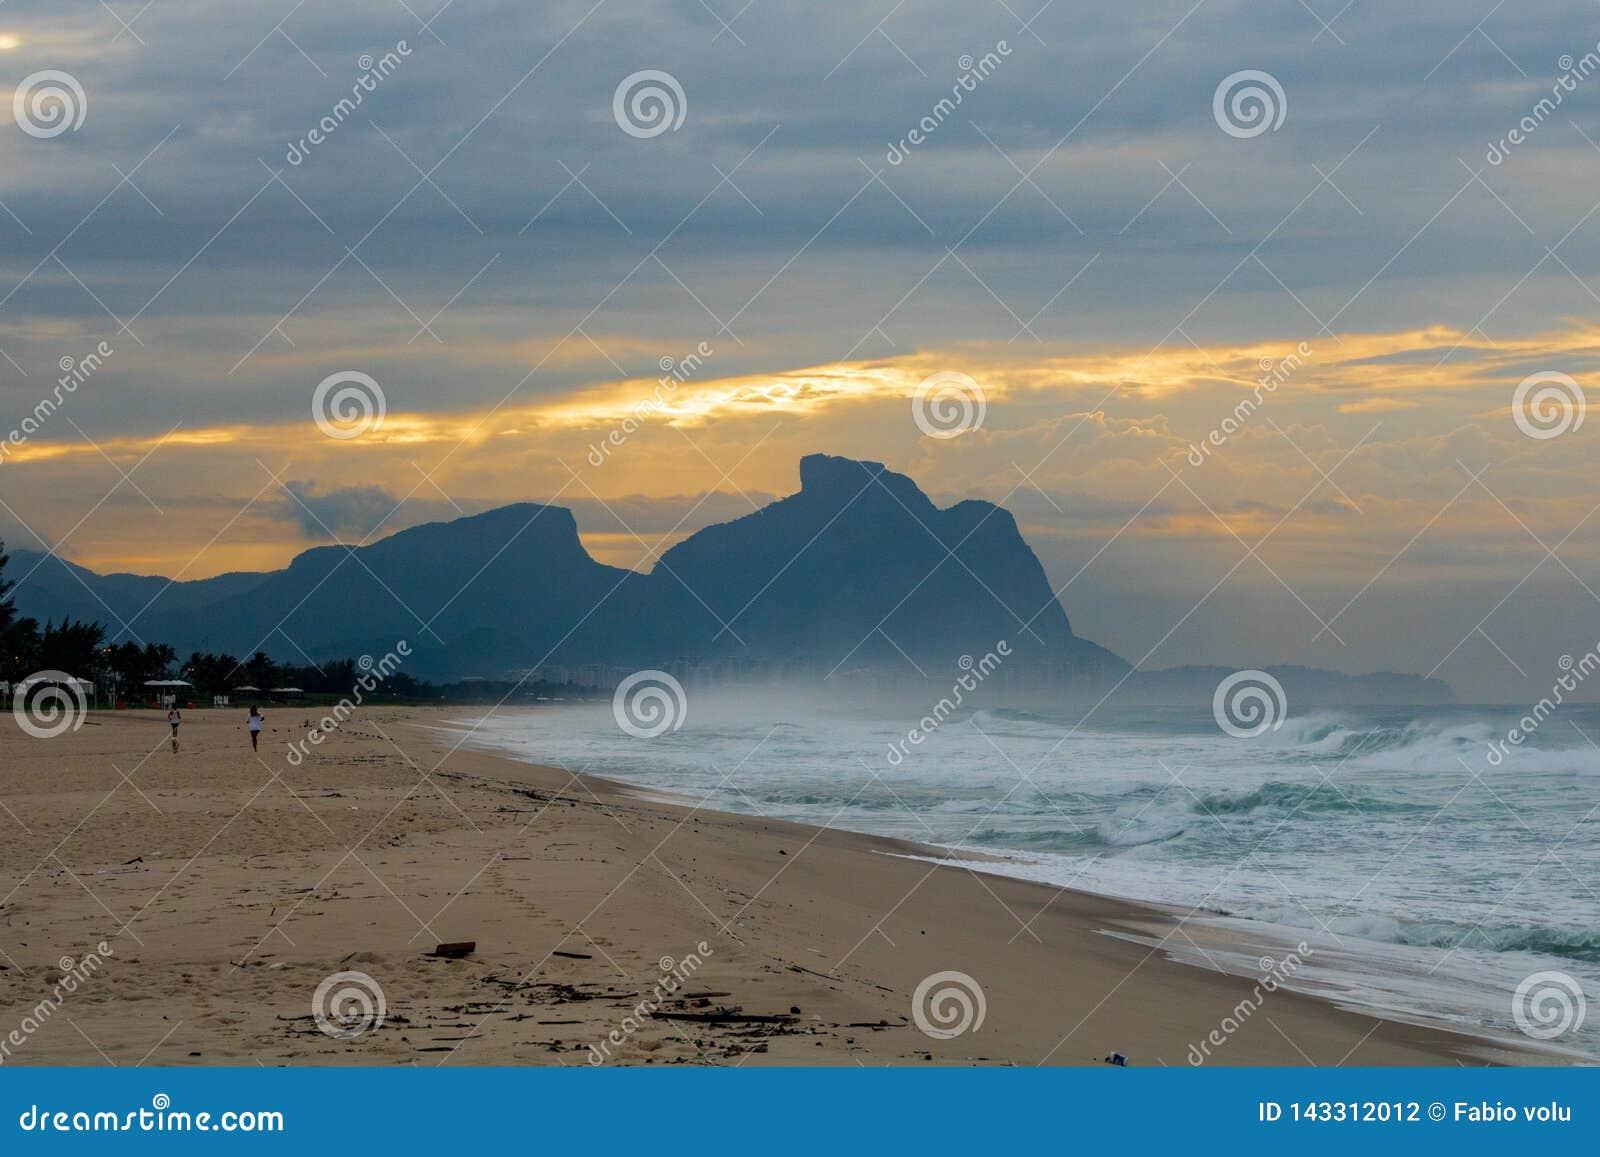 Paar en hond die op het strand van Barra da Tijuca in een mooie dageraad met de steen van Gavea op de achtergrond lopen - Rio de